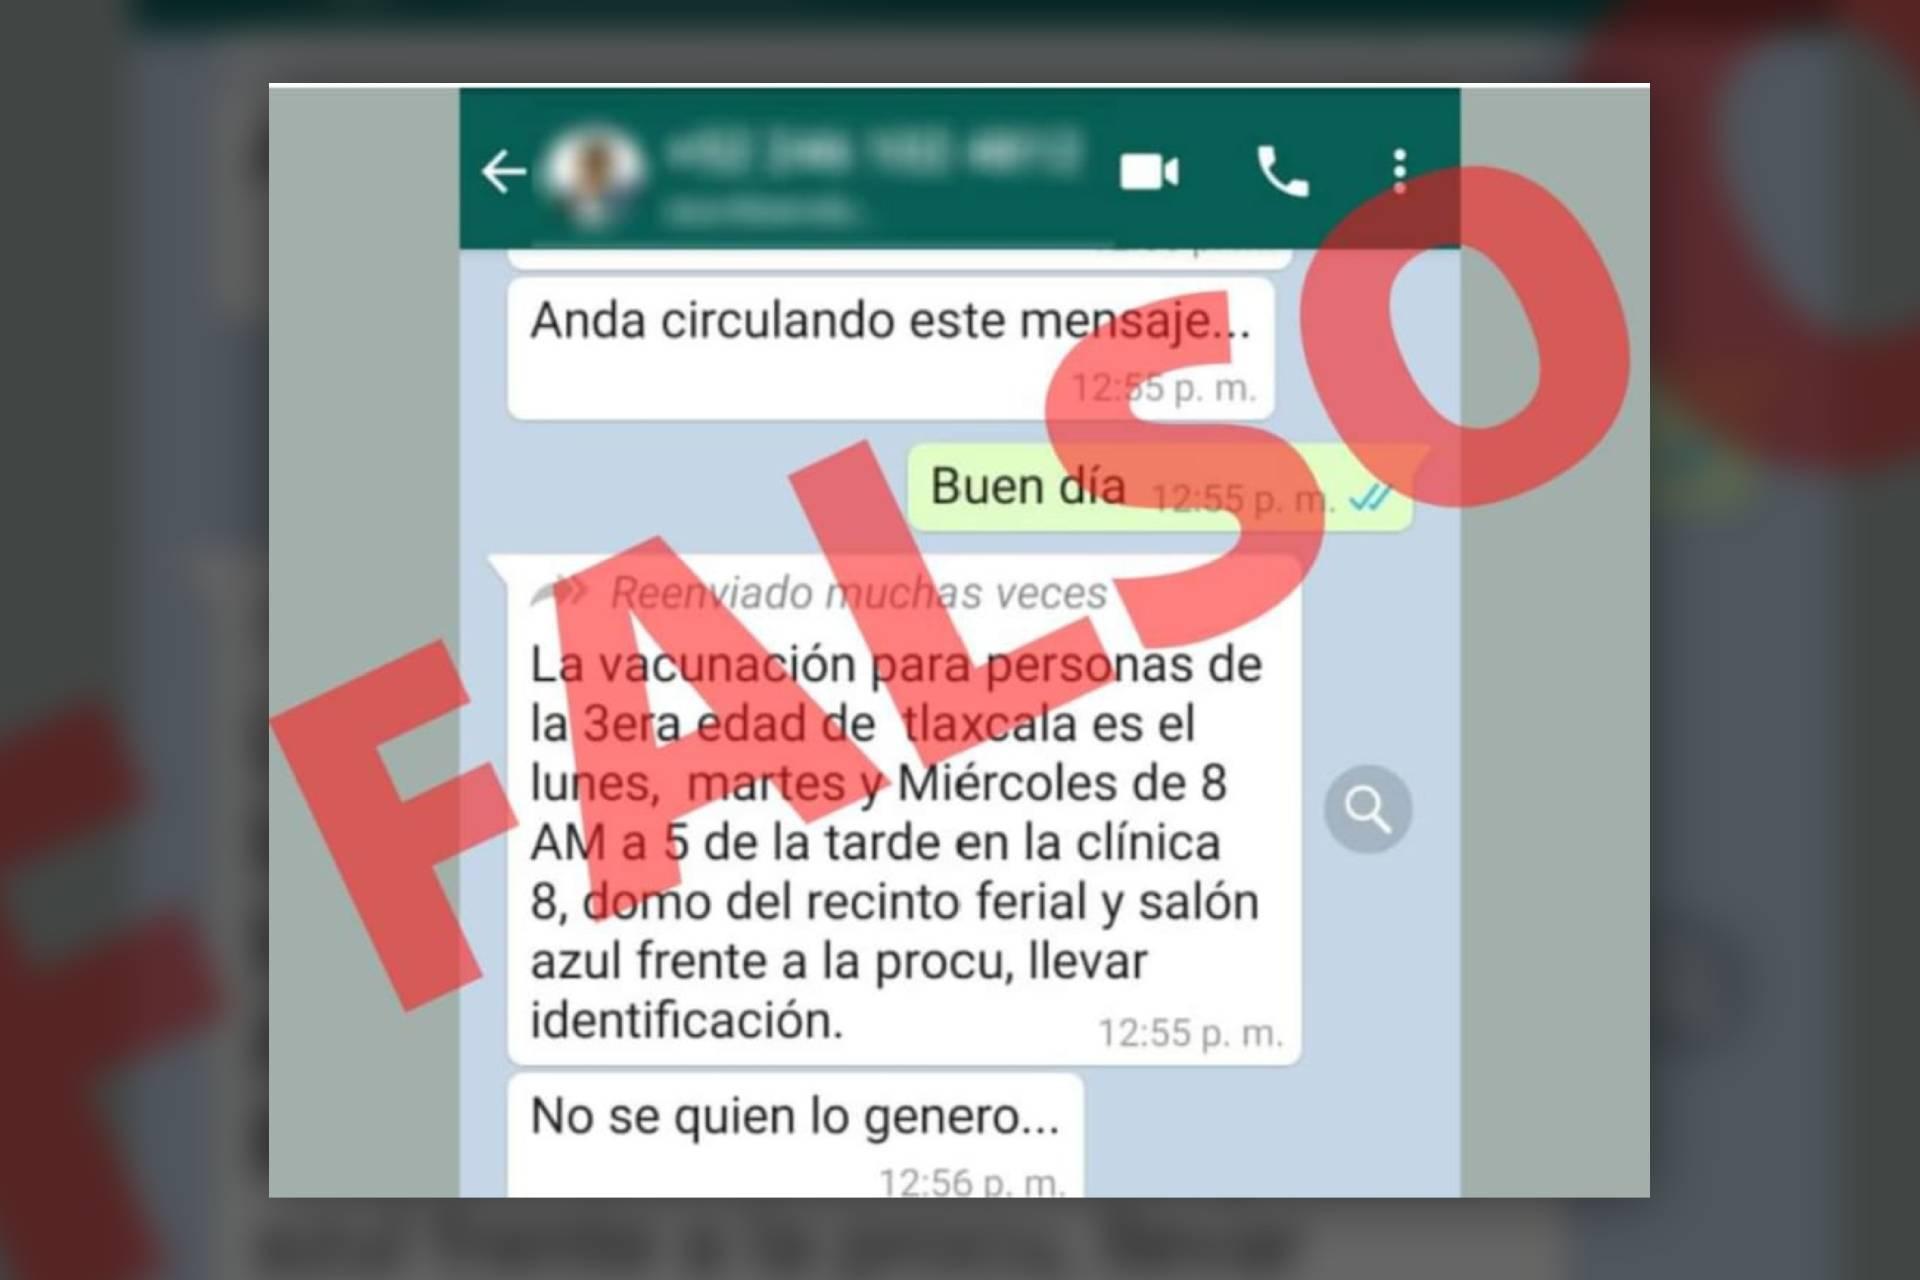 Vacuna-covid-tlaxcala-falso-fact checking-verificación